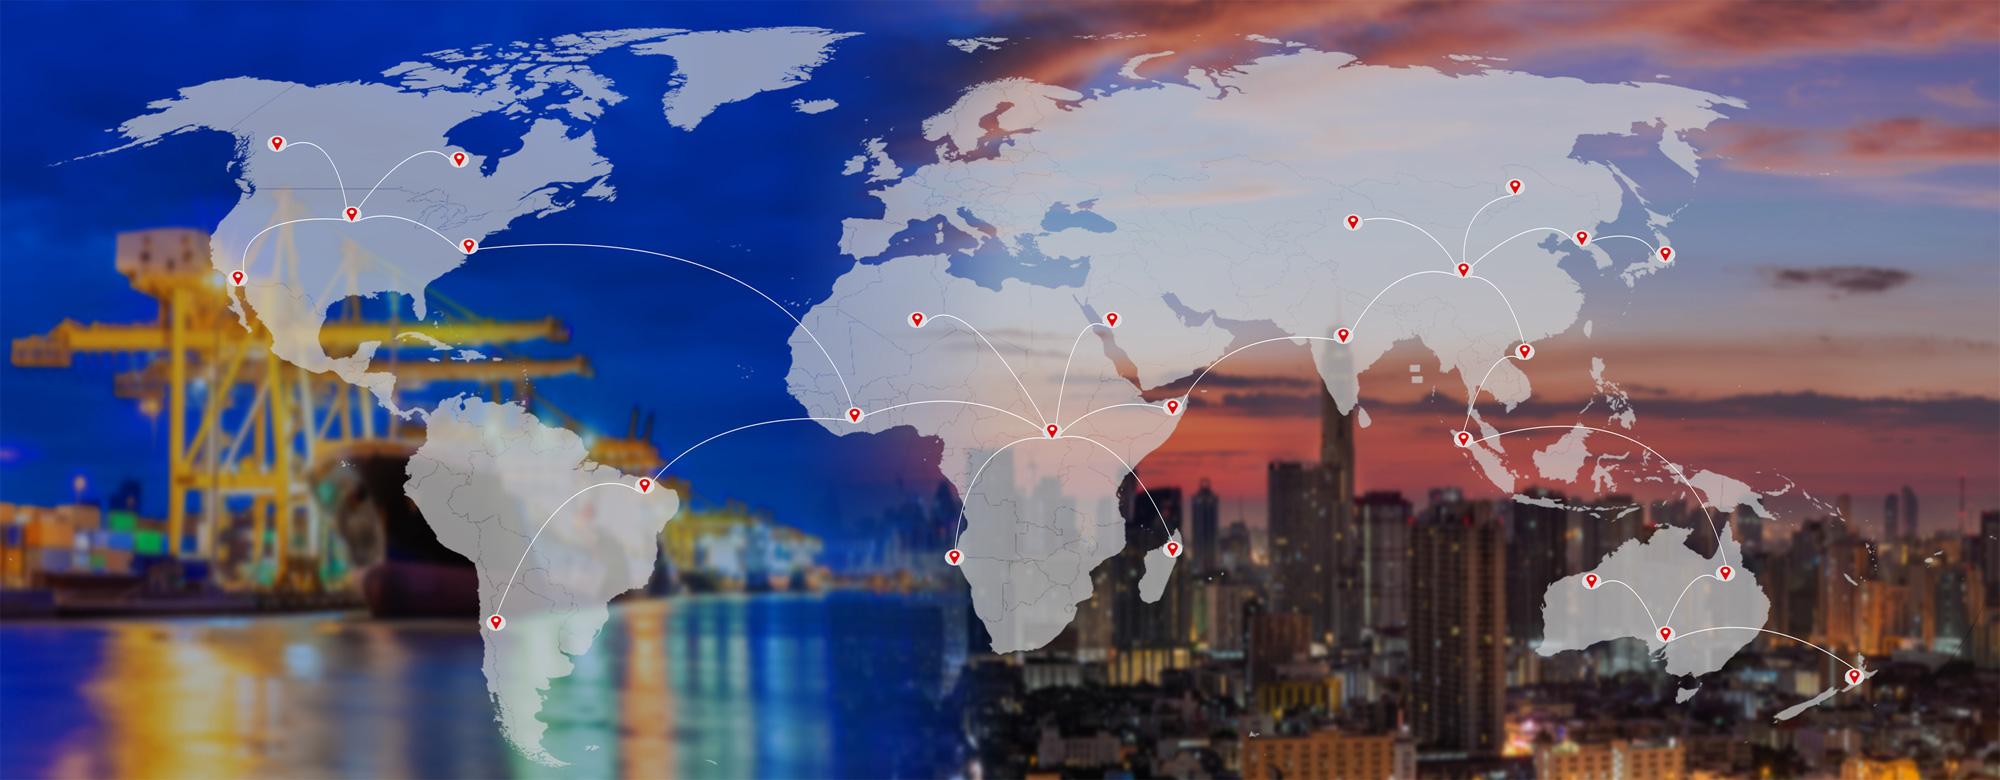 Come sfruttare gli accordi di libero scambio per essere più competitivi sui mercati esteri. Webinar, 30 settembre